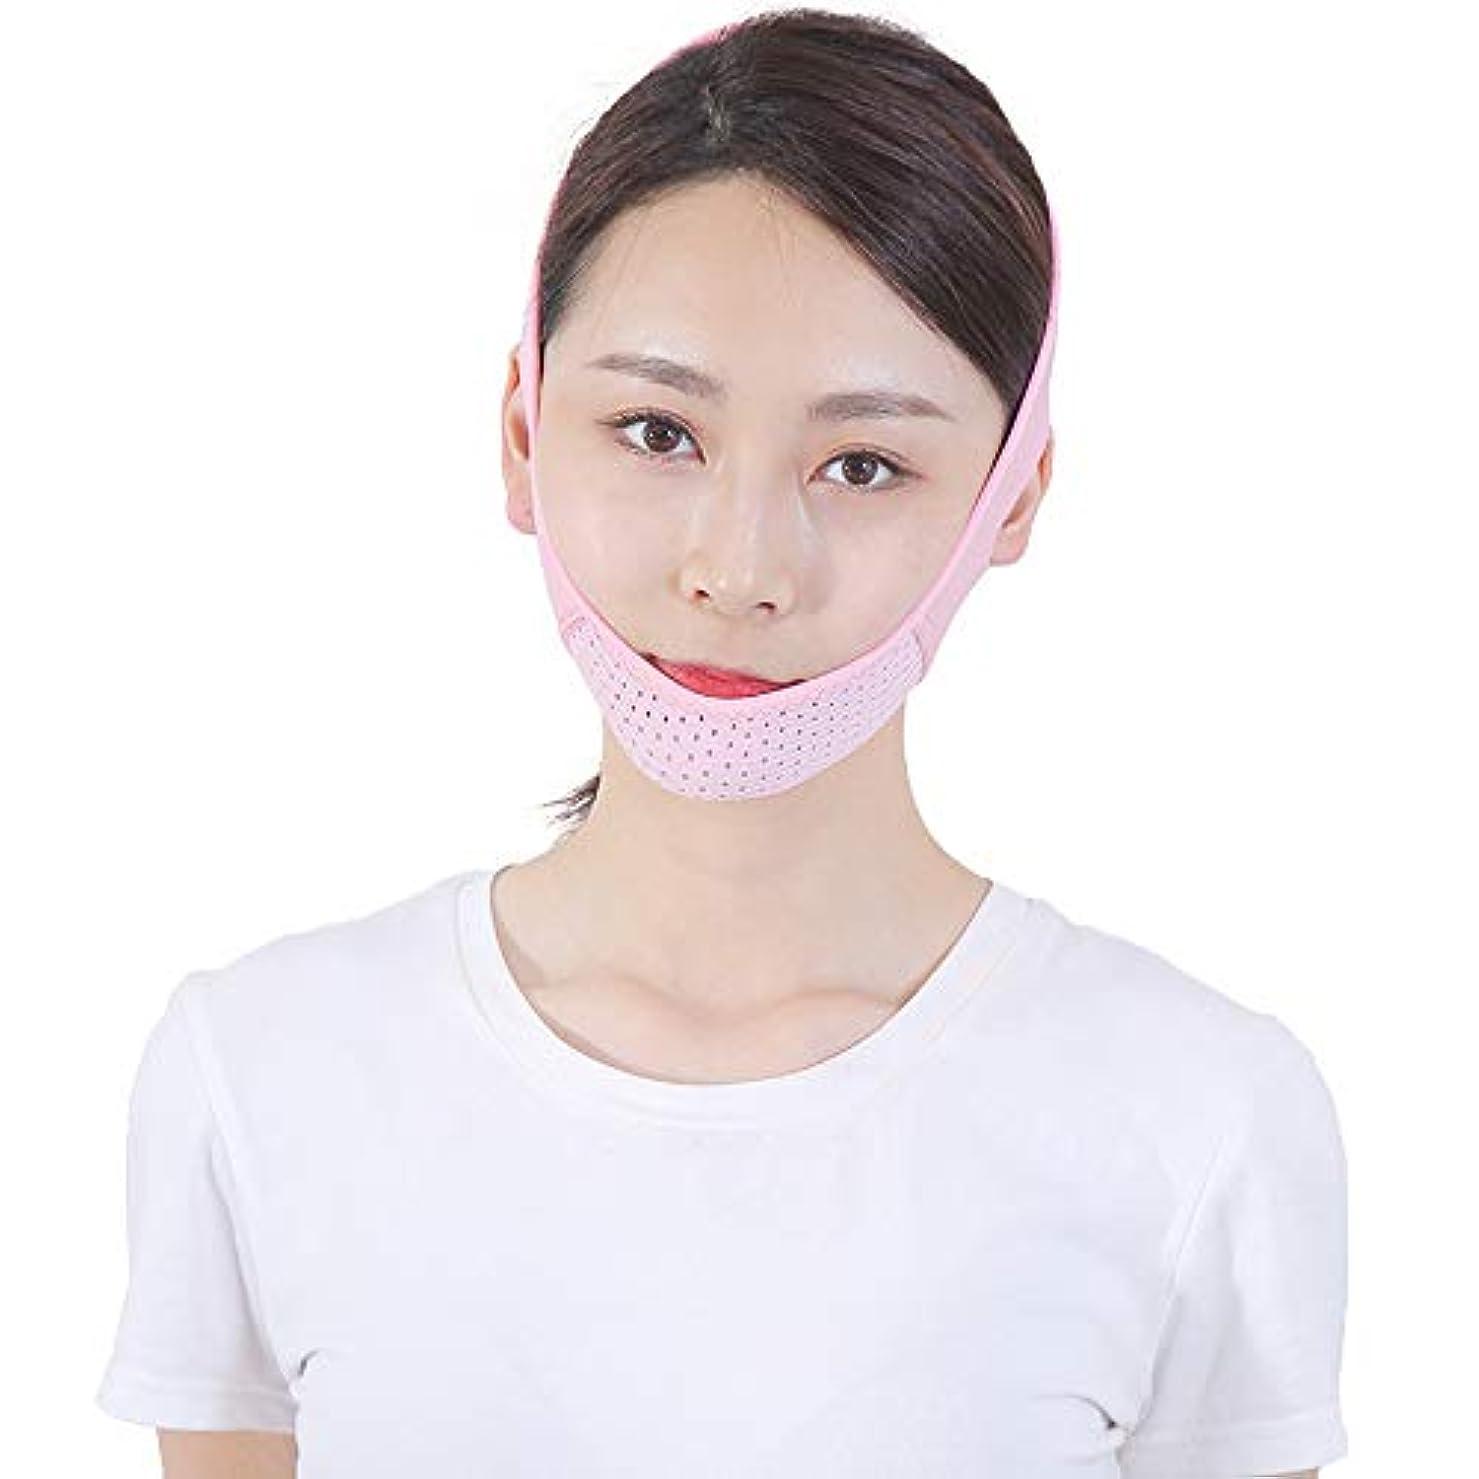 進捗汚染フリル薄い顔のベルト - 薄い顔のベルト通気性のある顔の包帯ダブルチンの顔リフトの人工物Vのフェイスベルト薄い顔のマスク